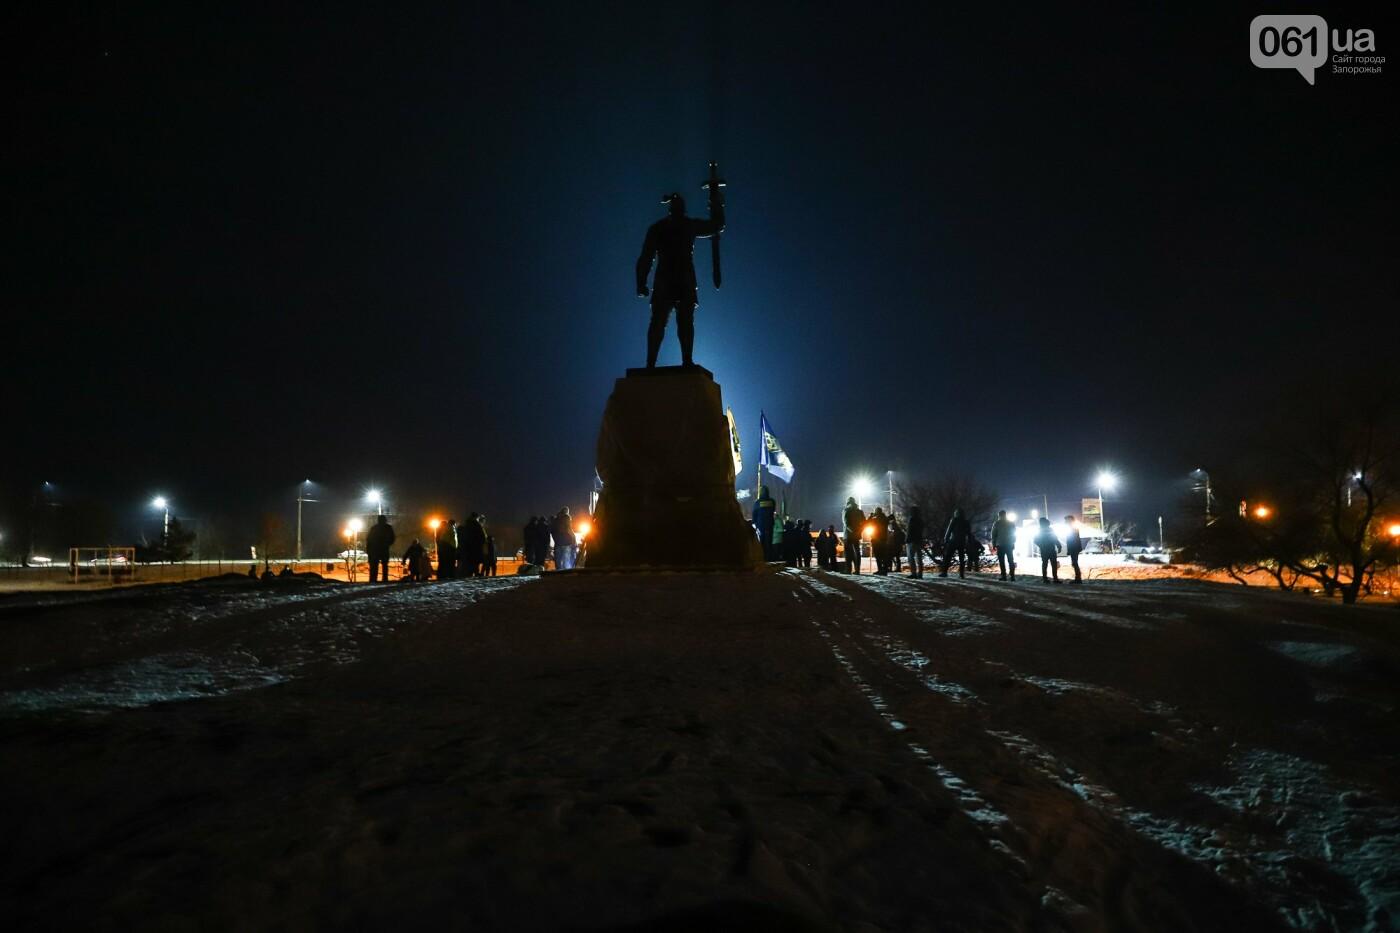 Бои за Широкино: в Запорожье зажгли факела в память о погибших бойцах, - ФОТОРЕПОРТАЖ , фото-1